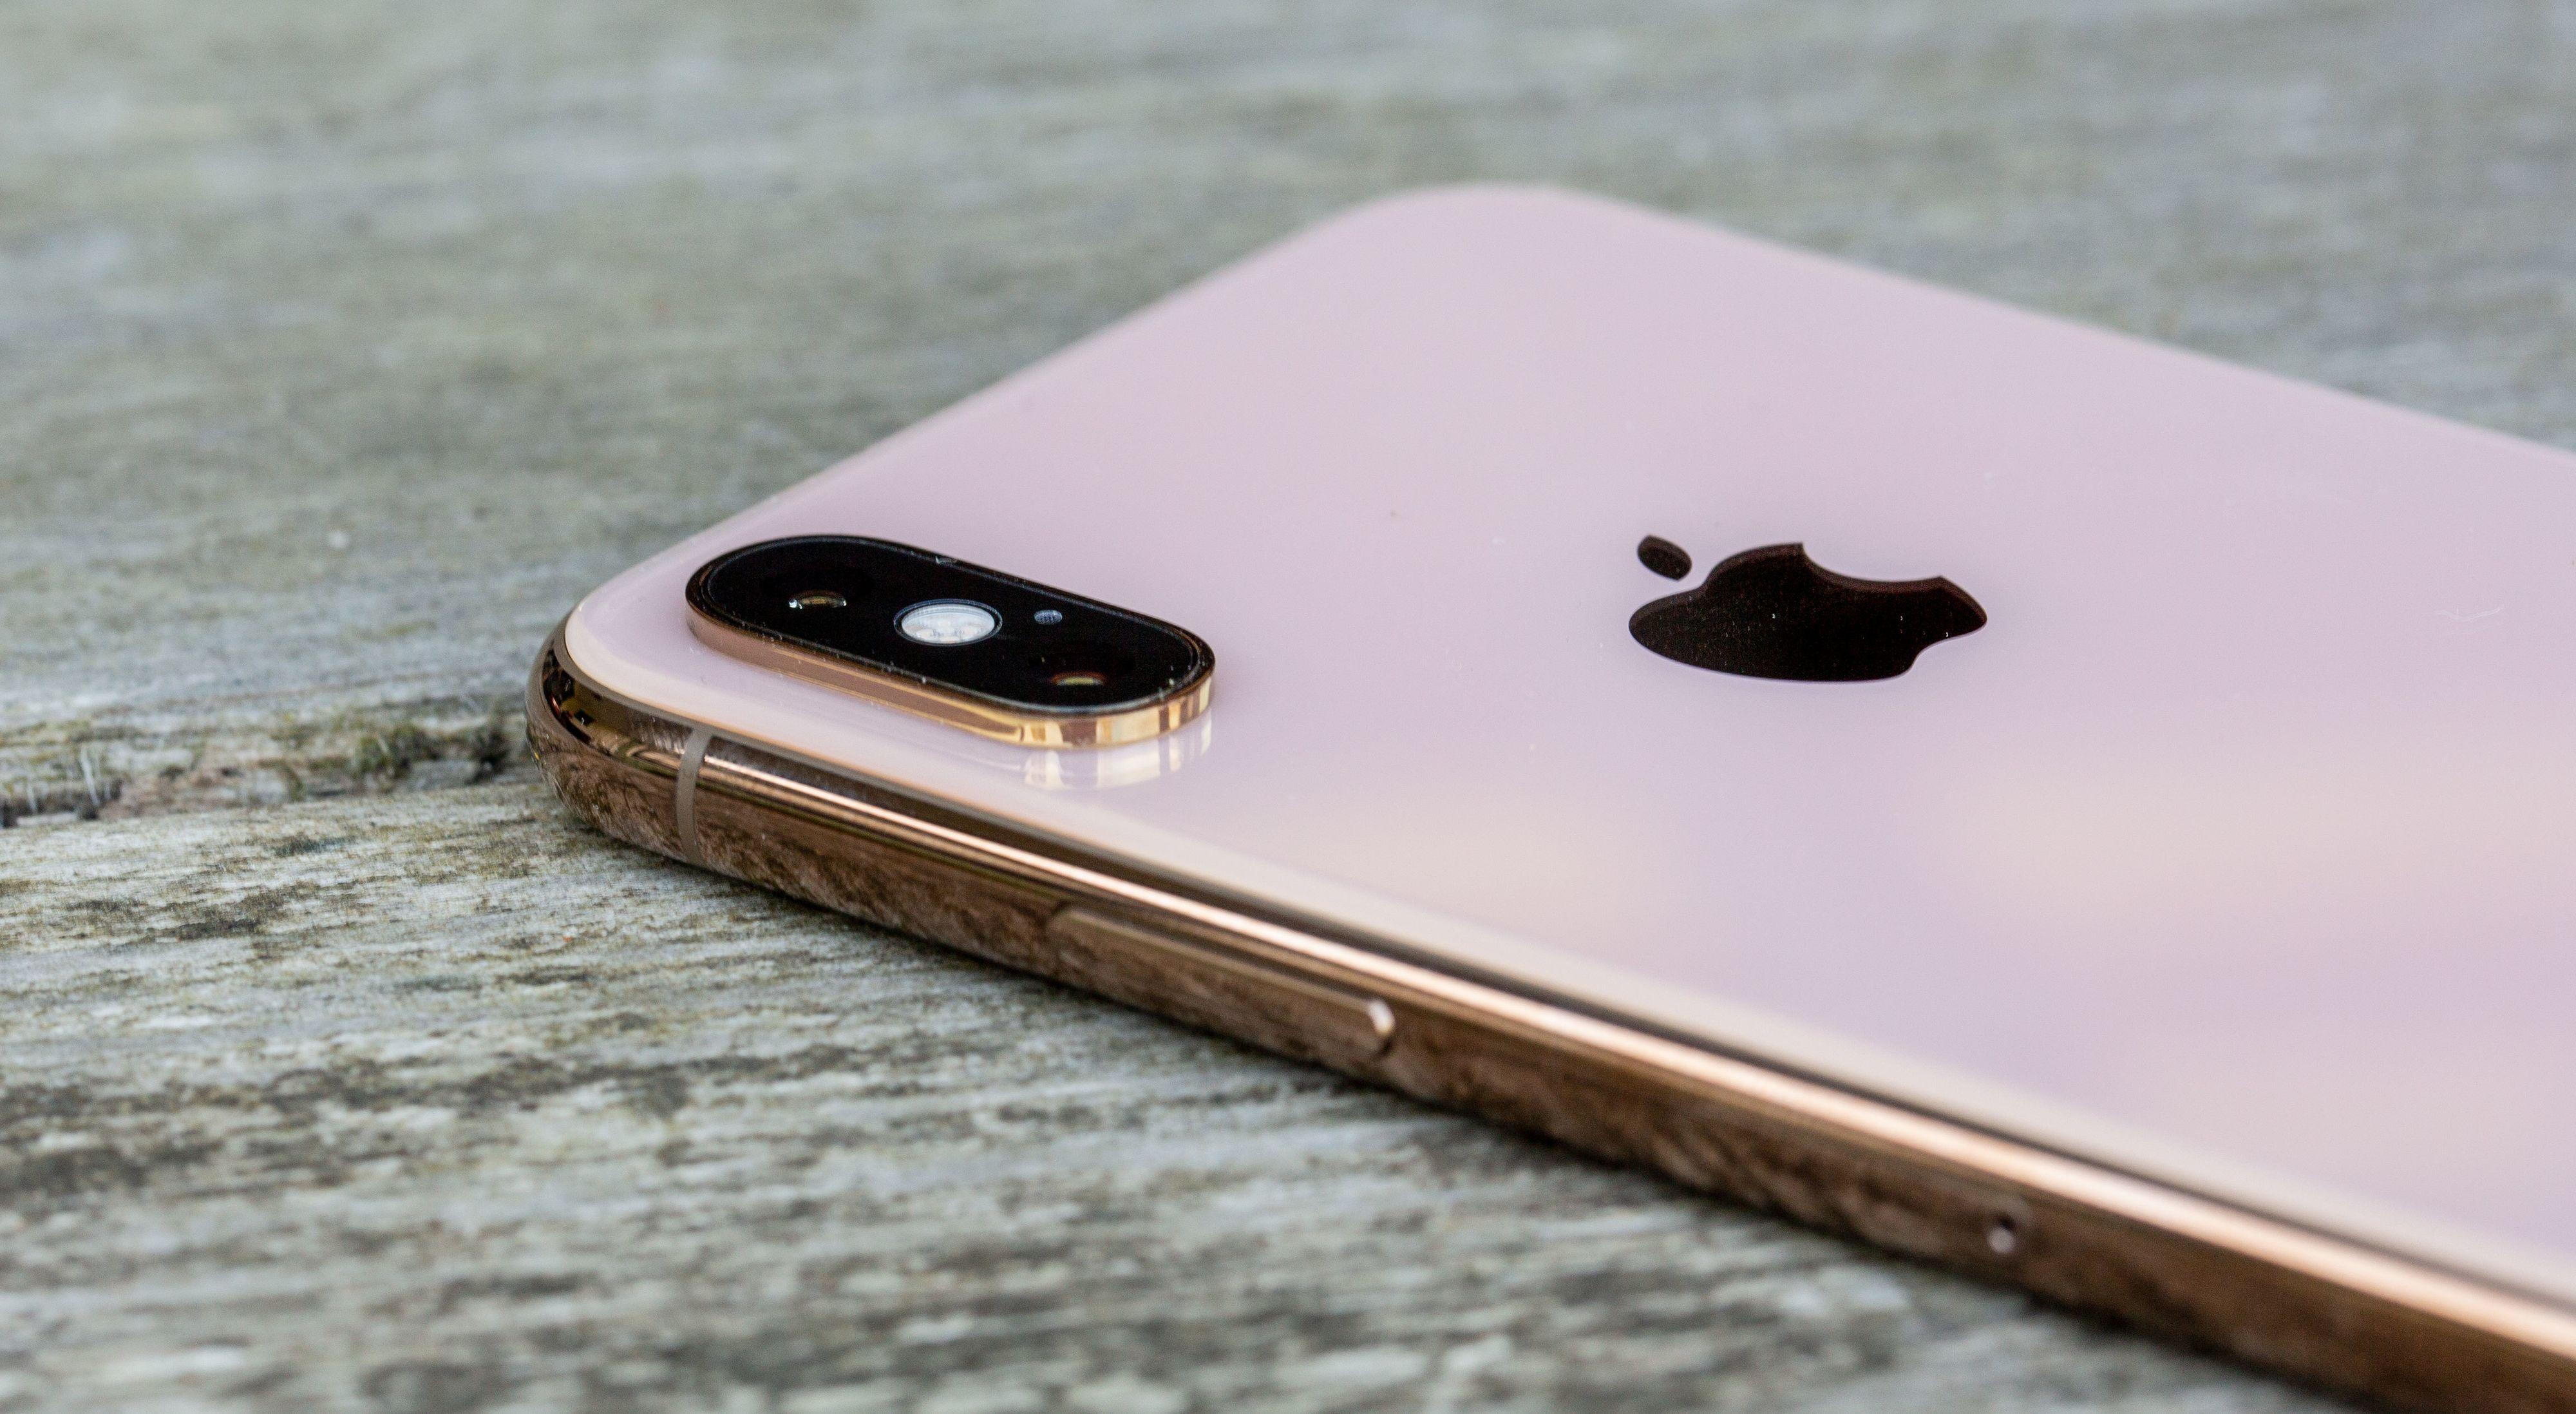 Baksiden av iPhone Xs i gull skifter litt farge basert på hvordan lyset treffer den. Stort sett ser det imidlertid ut som en kremet hvitfarge, mens rammen alltid er skinnende gullaktig.